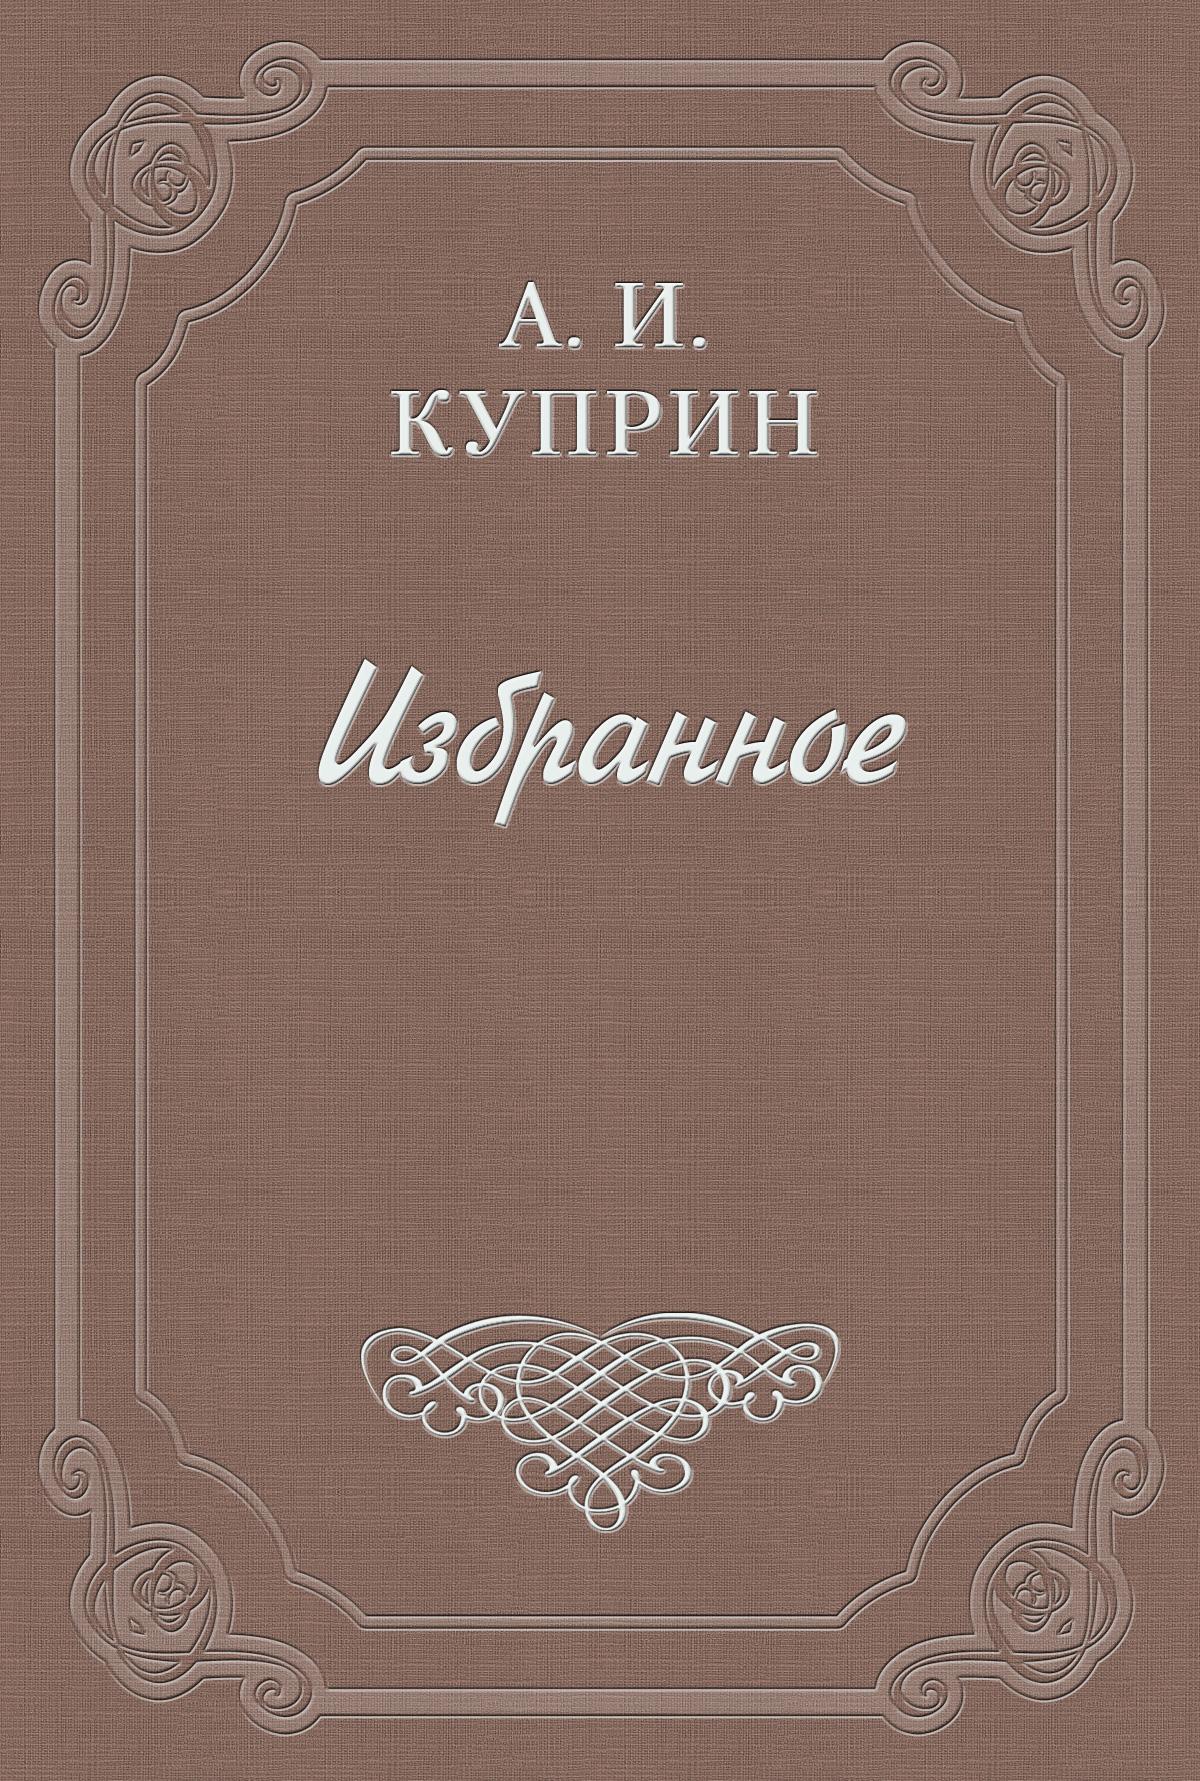 Фото - Александр Куприн Пестрота и н сухих структура и смысл теория литературы для всех